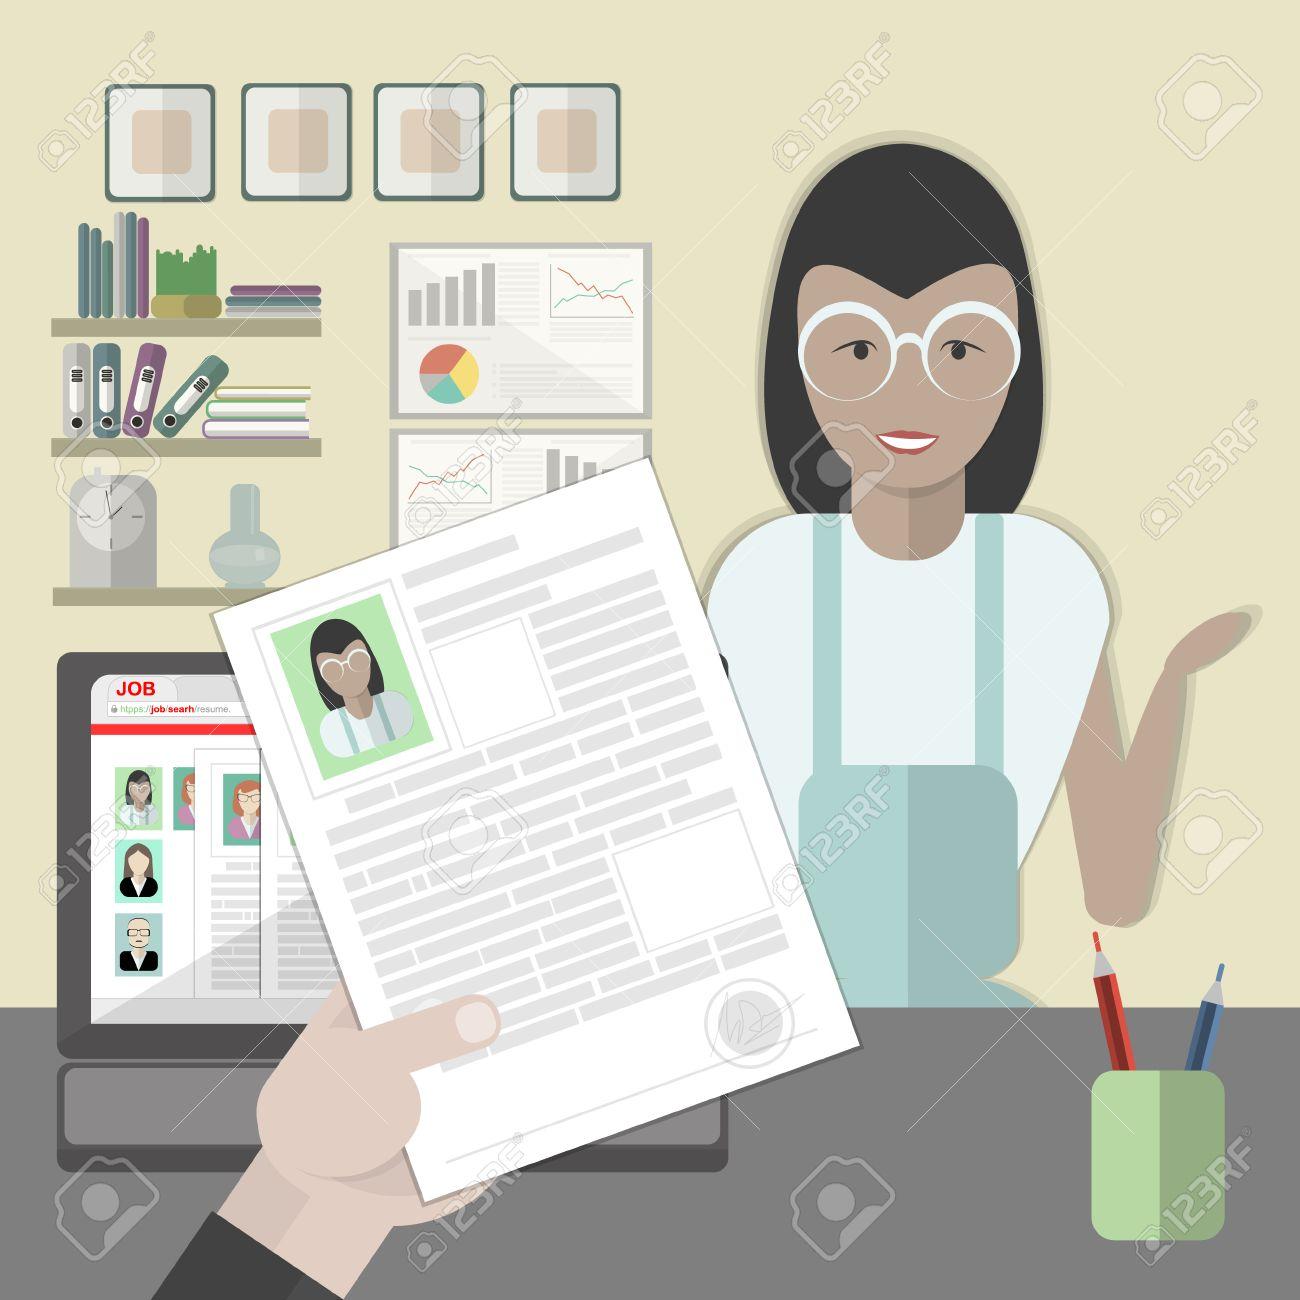 Entrevista De Trabajo Con La Hoja De Vida Femenina. El Reclutamiento ...